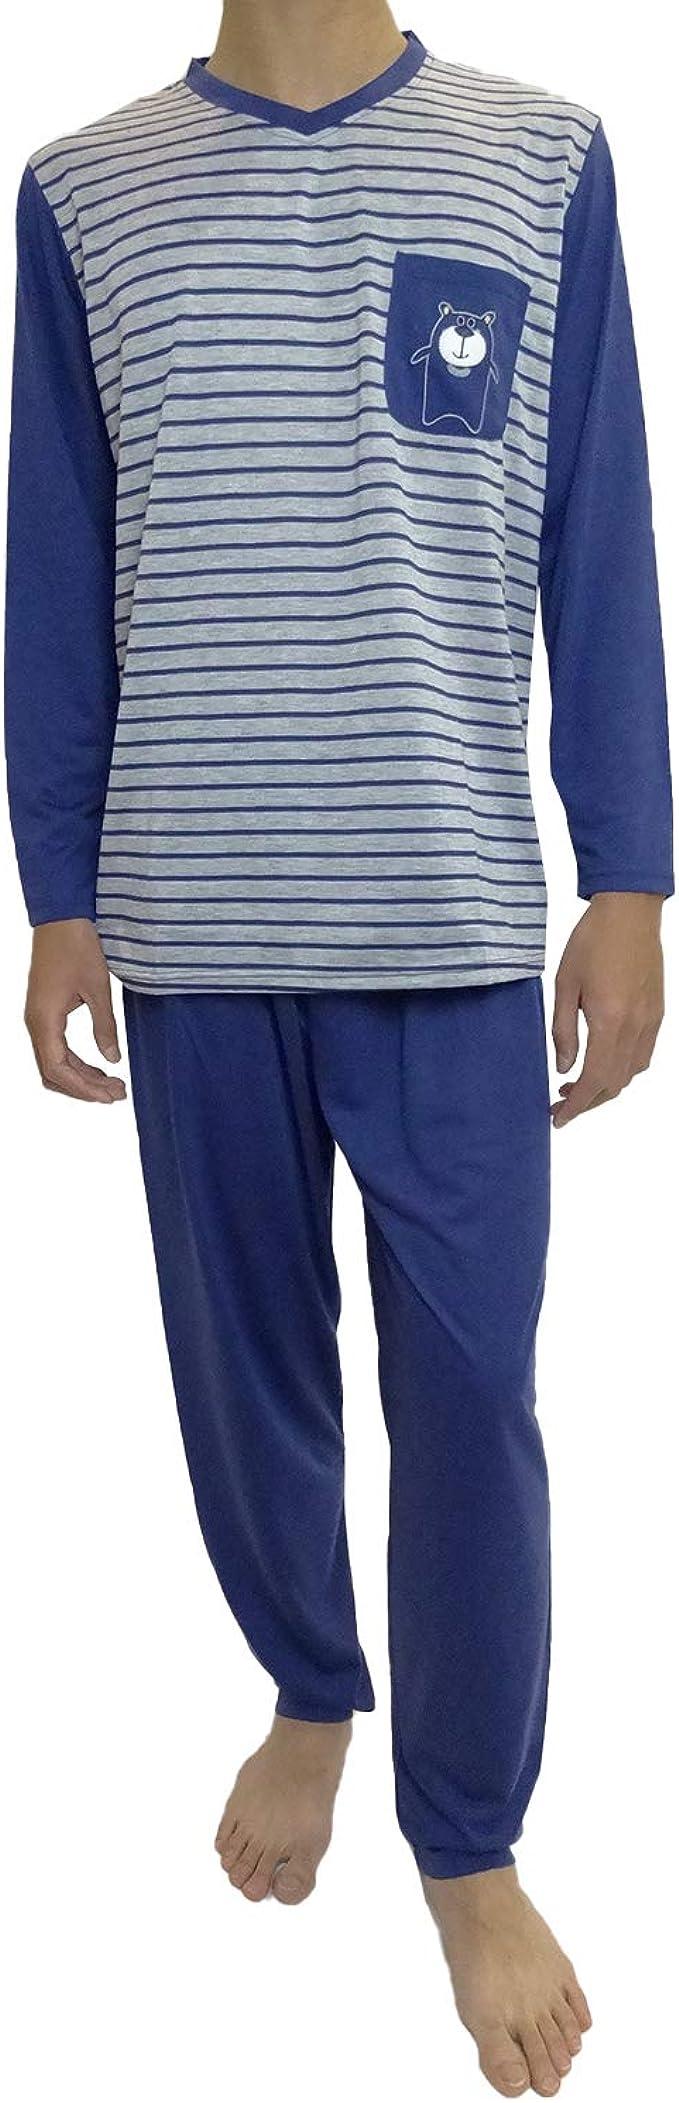 Mini kitten - Pijama de Caballero Hombre de Algodon Fino Manga Larga con Pantalon Largo y de Cuello Pico/Ropa para Dormir de Hombre: Amazon.es: Ropa y accesorios